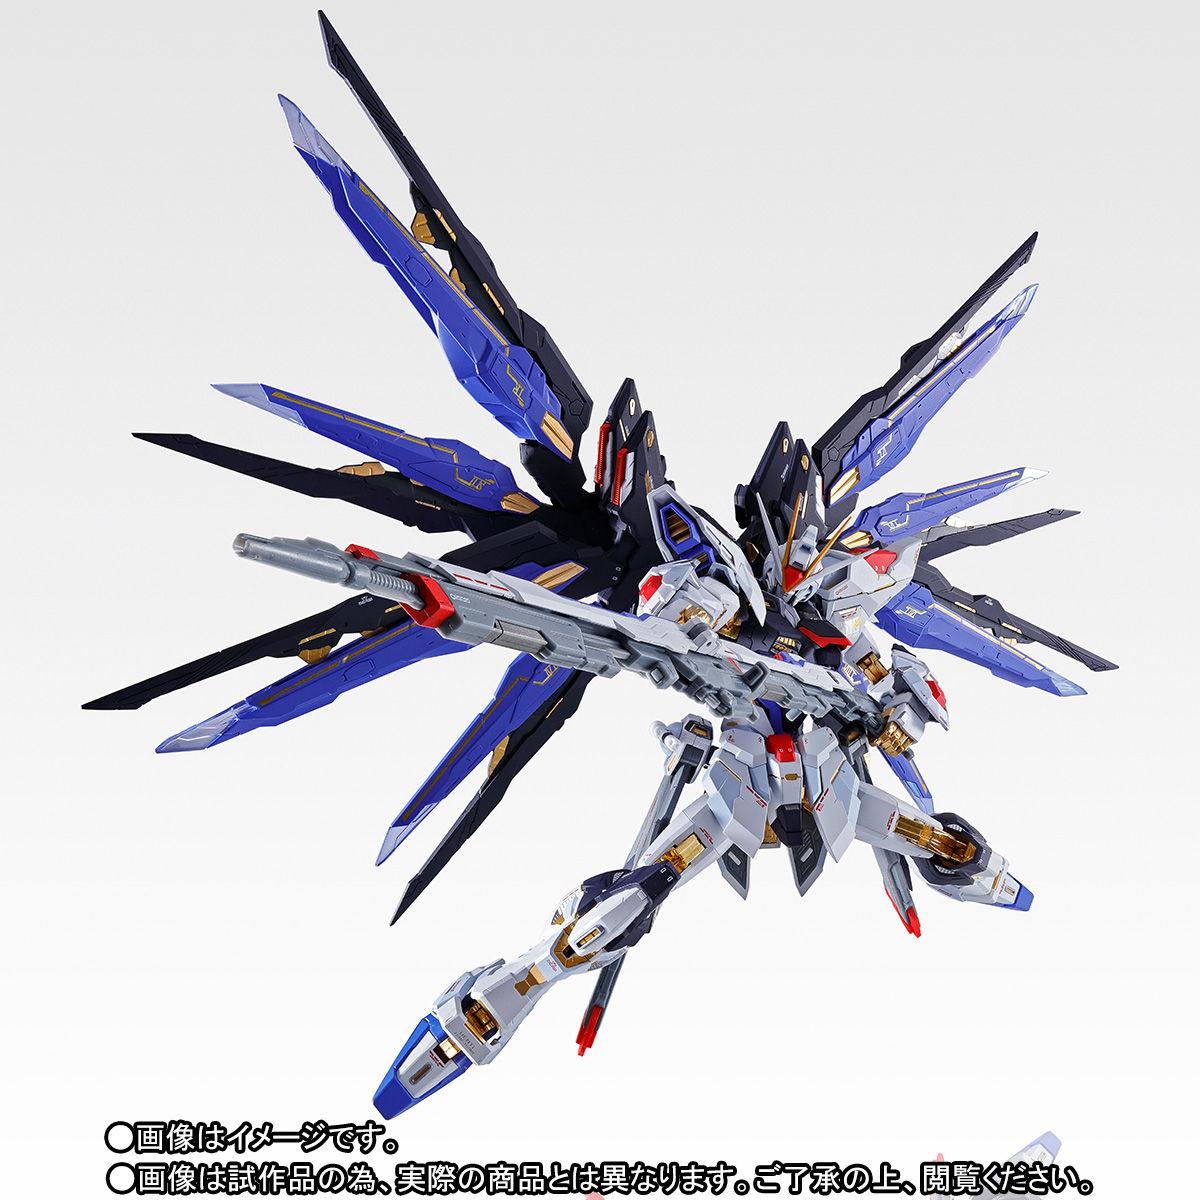 【抽選販売】METAL BUILD『ストライクフリーダムガンダム SOUL BLUE Ver.』機動戦士ガンダムSEED DESTINY 可動フィギュア-002